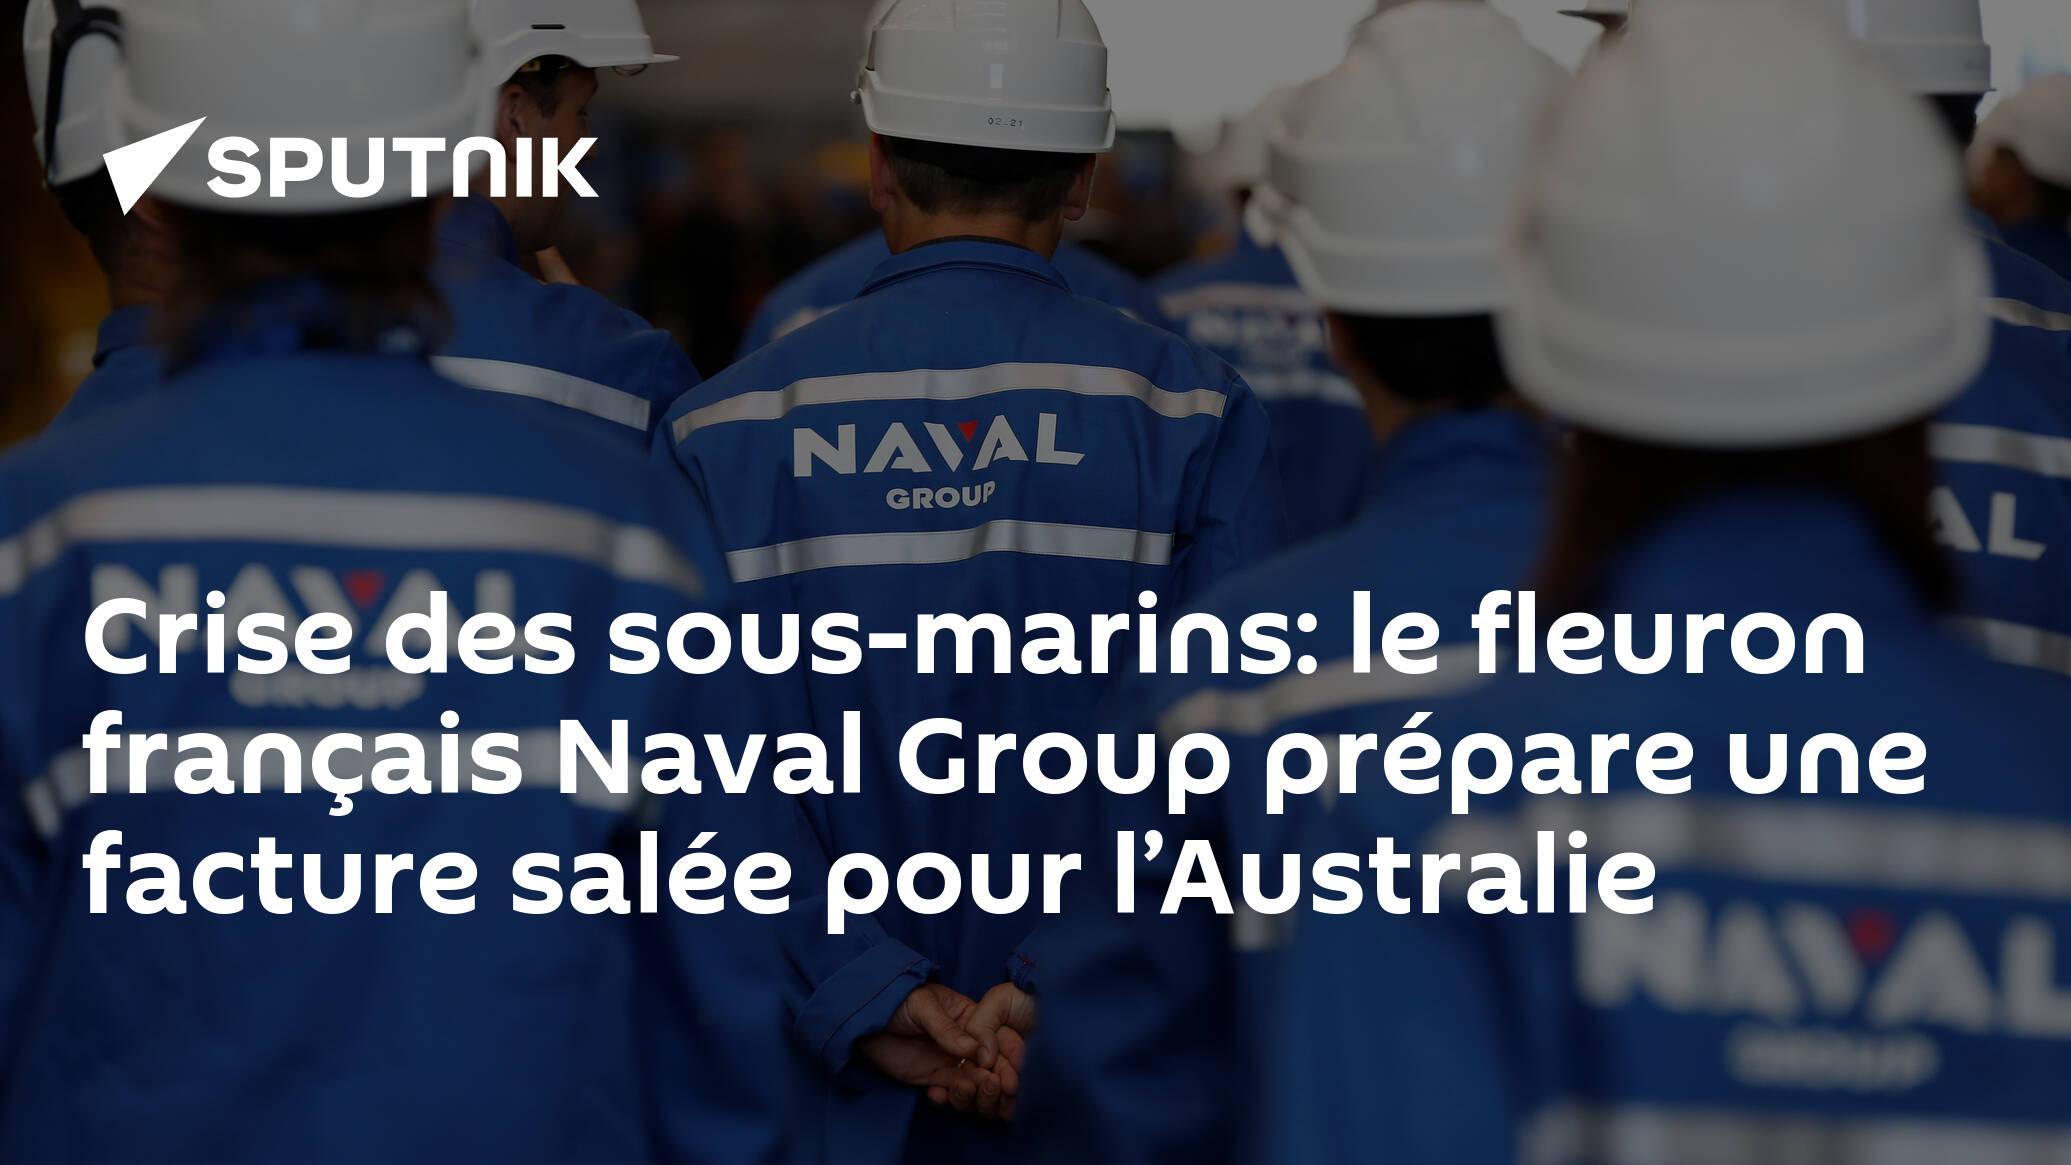 Crise des sous-marins: le fleuron français Naval Group prépare une facture salée pour l'Australie